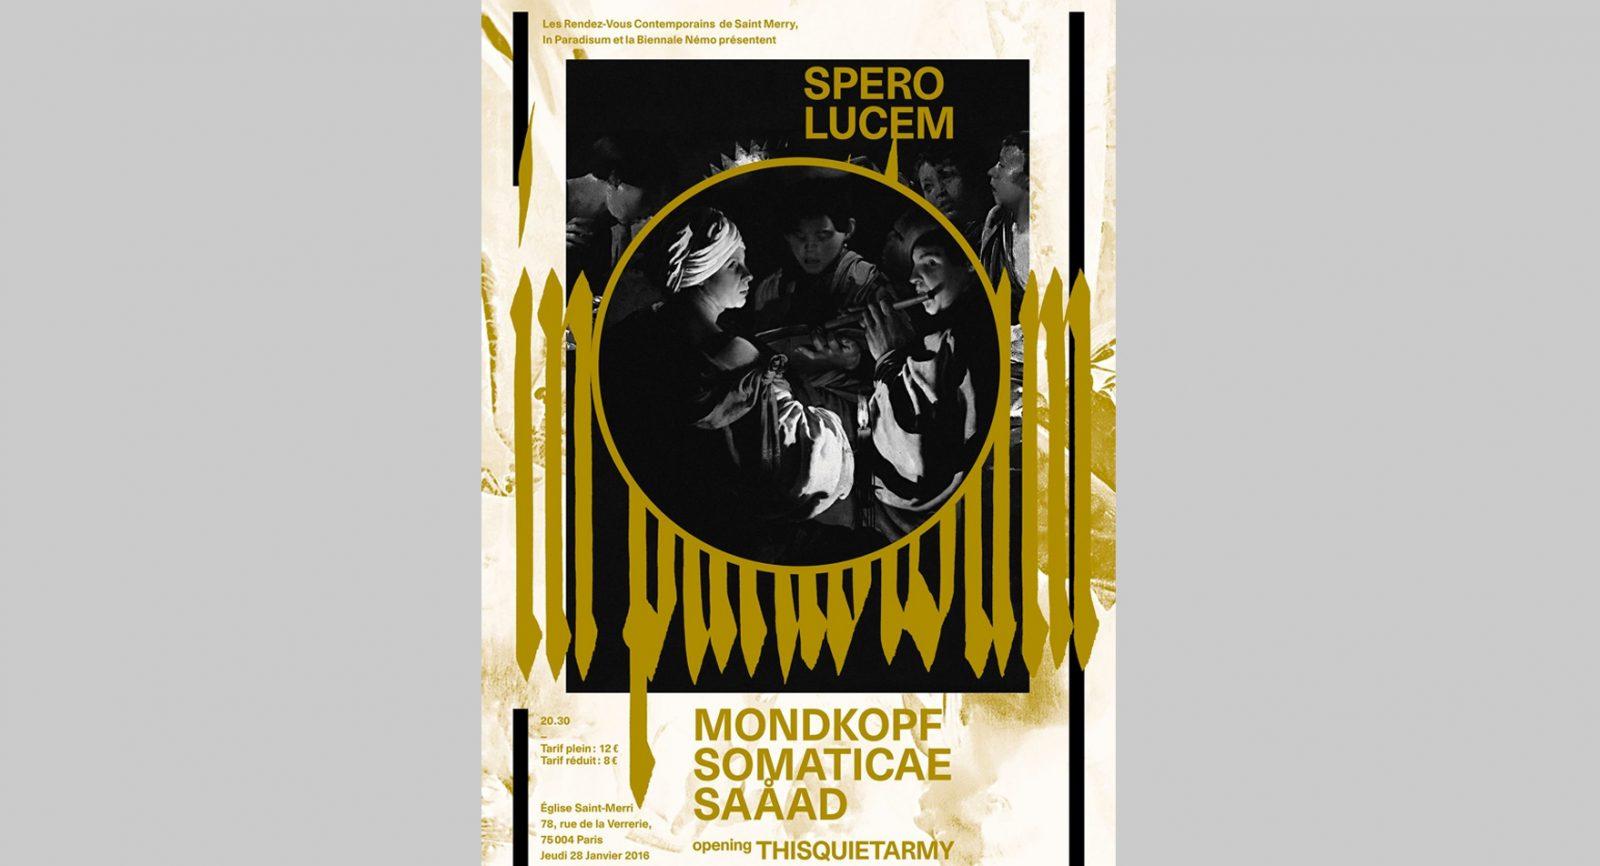 RDVC / Spero Lucem (In Paradisum)